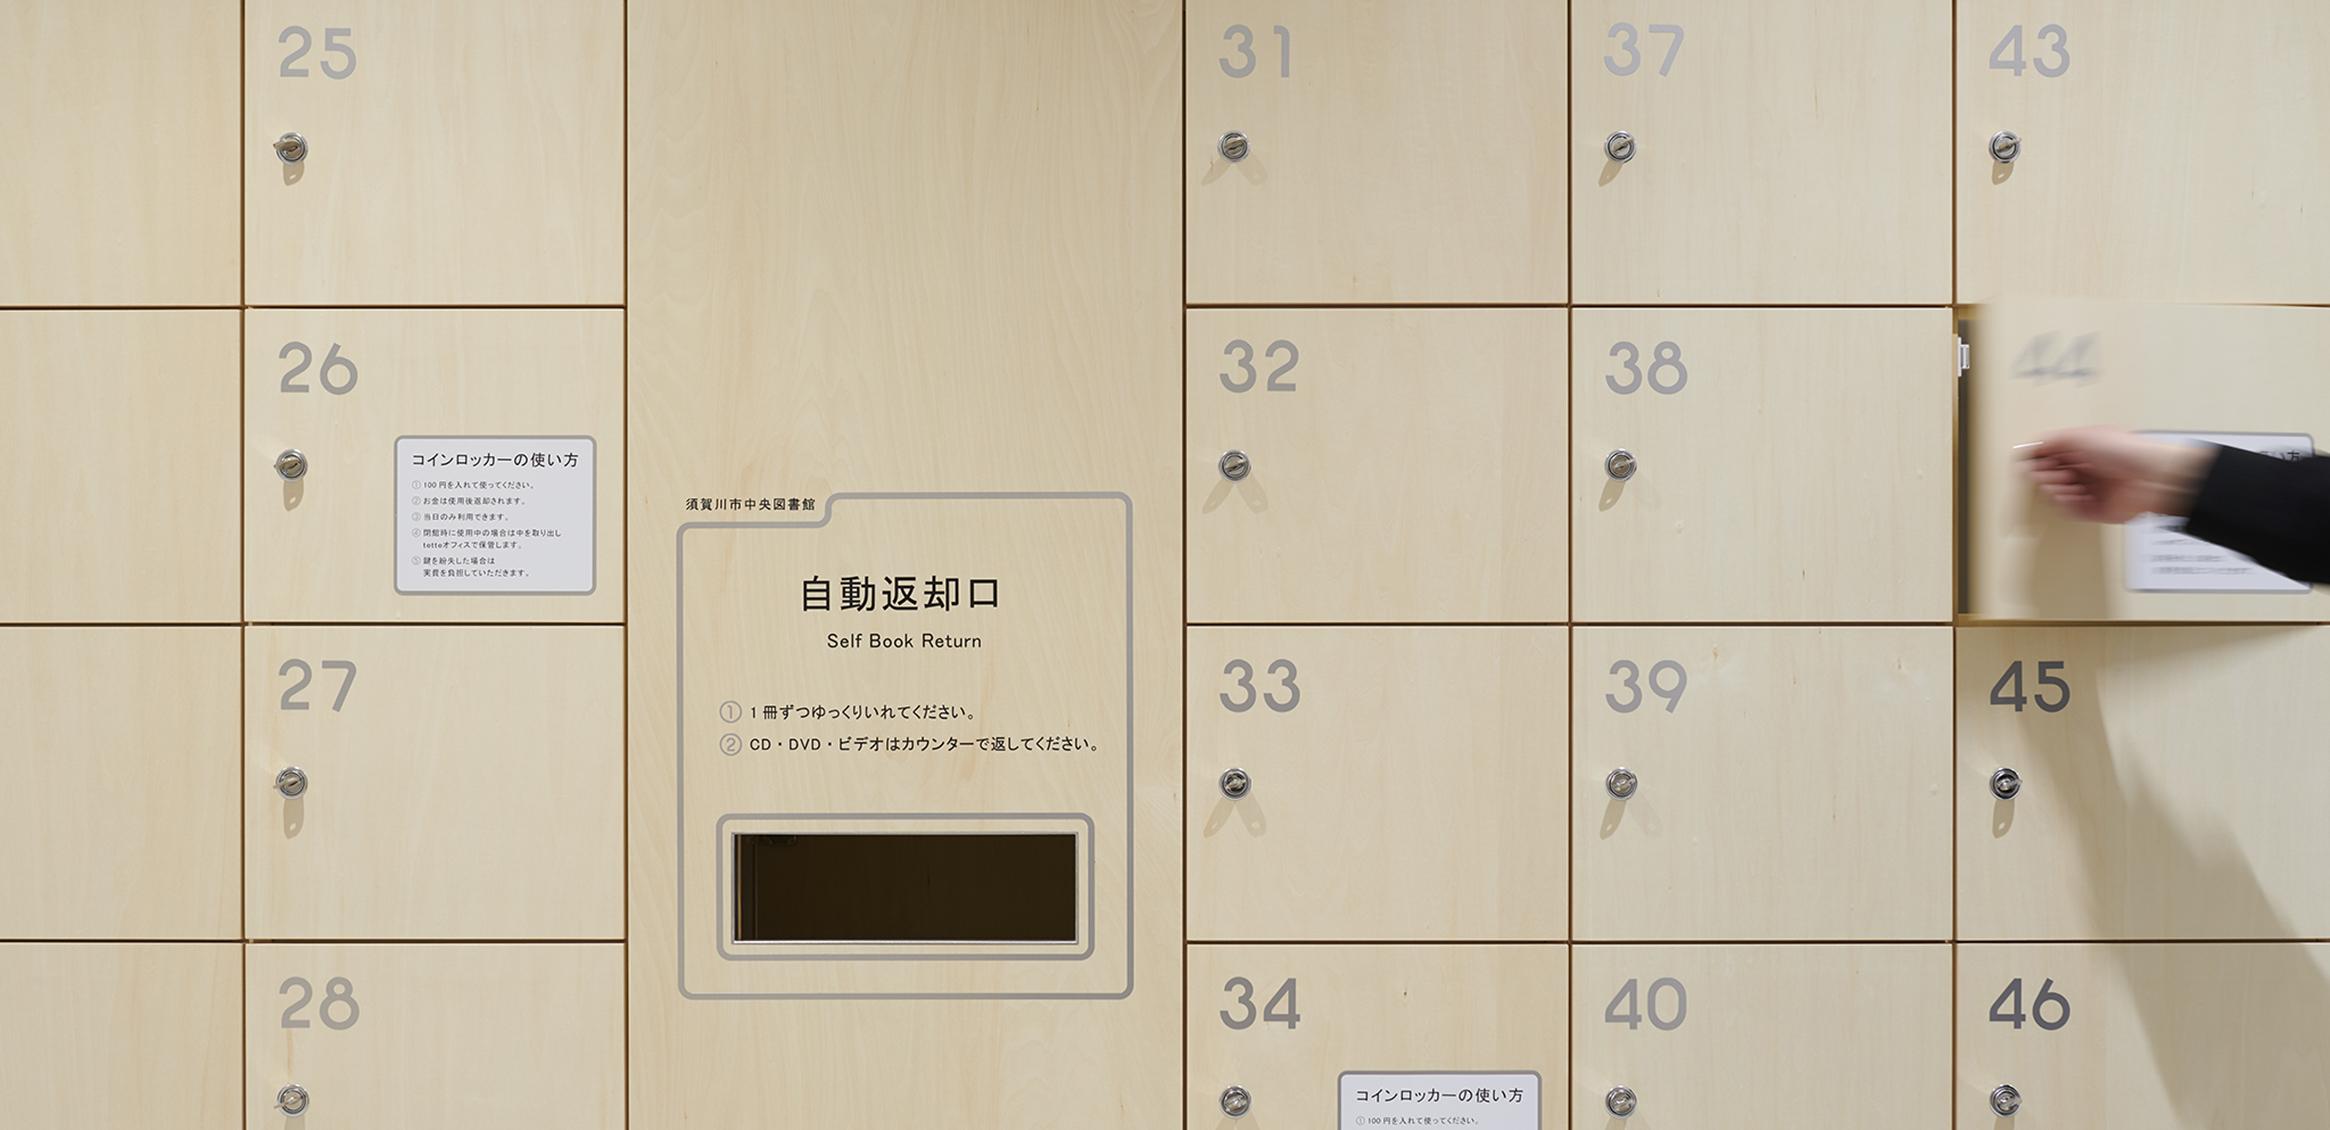 須賀川市民交流センターtette サイン計画11枚目